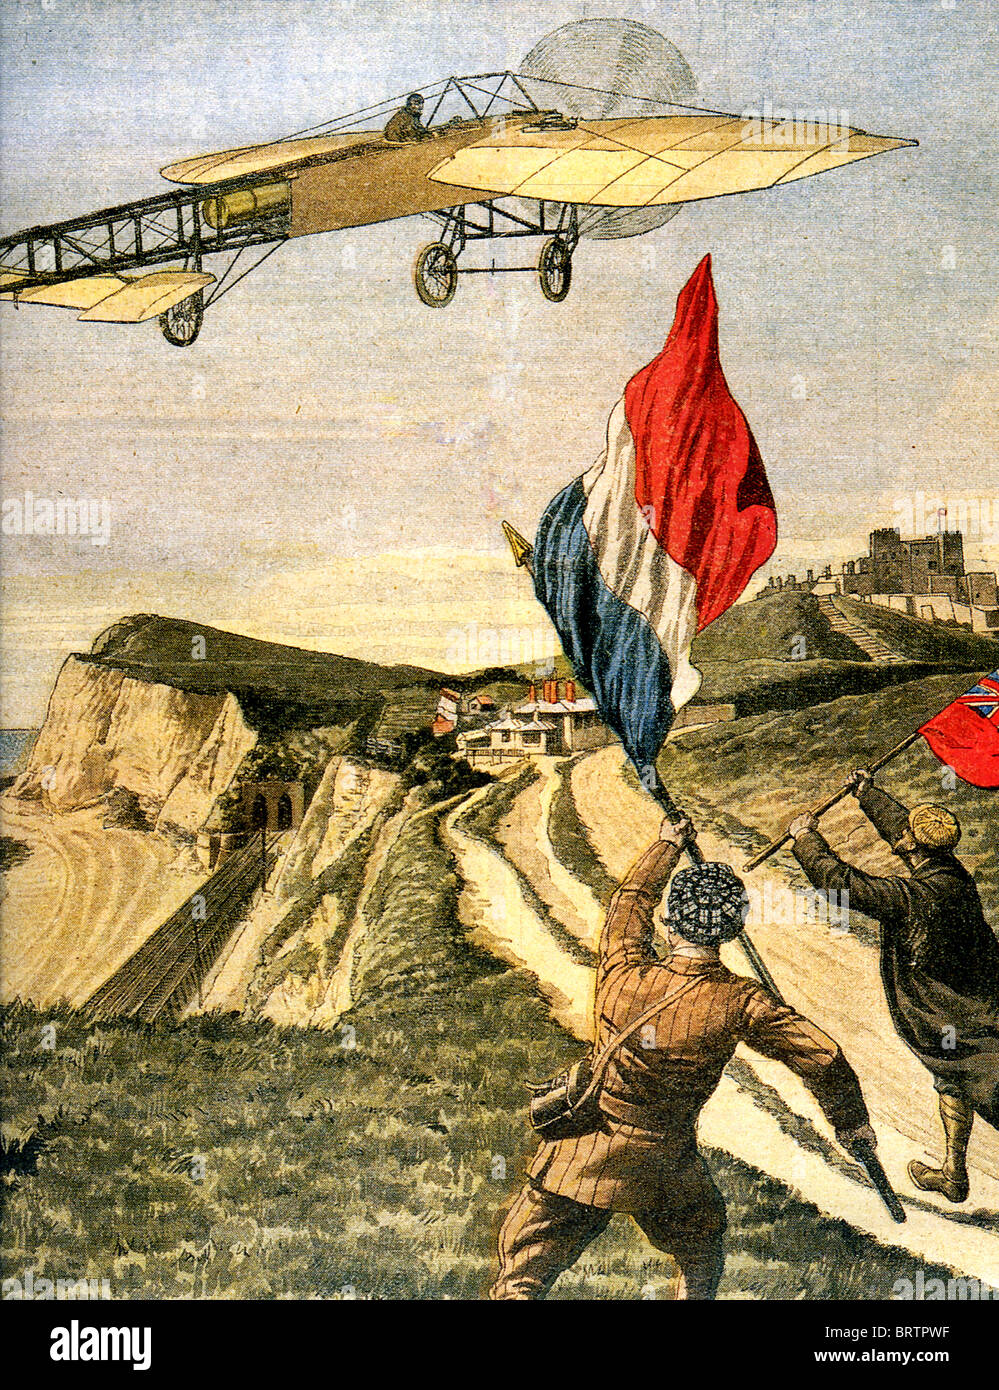 LOUIS BLERIOT (1872-1936) vola sua XI tra le scogliere di Dover dopo il primo cross-channel volo, 25 luglio 1909. Foto Stock